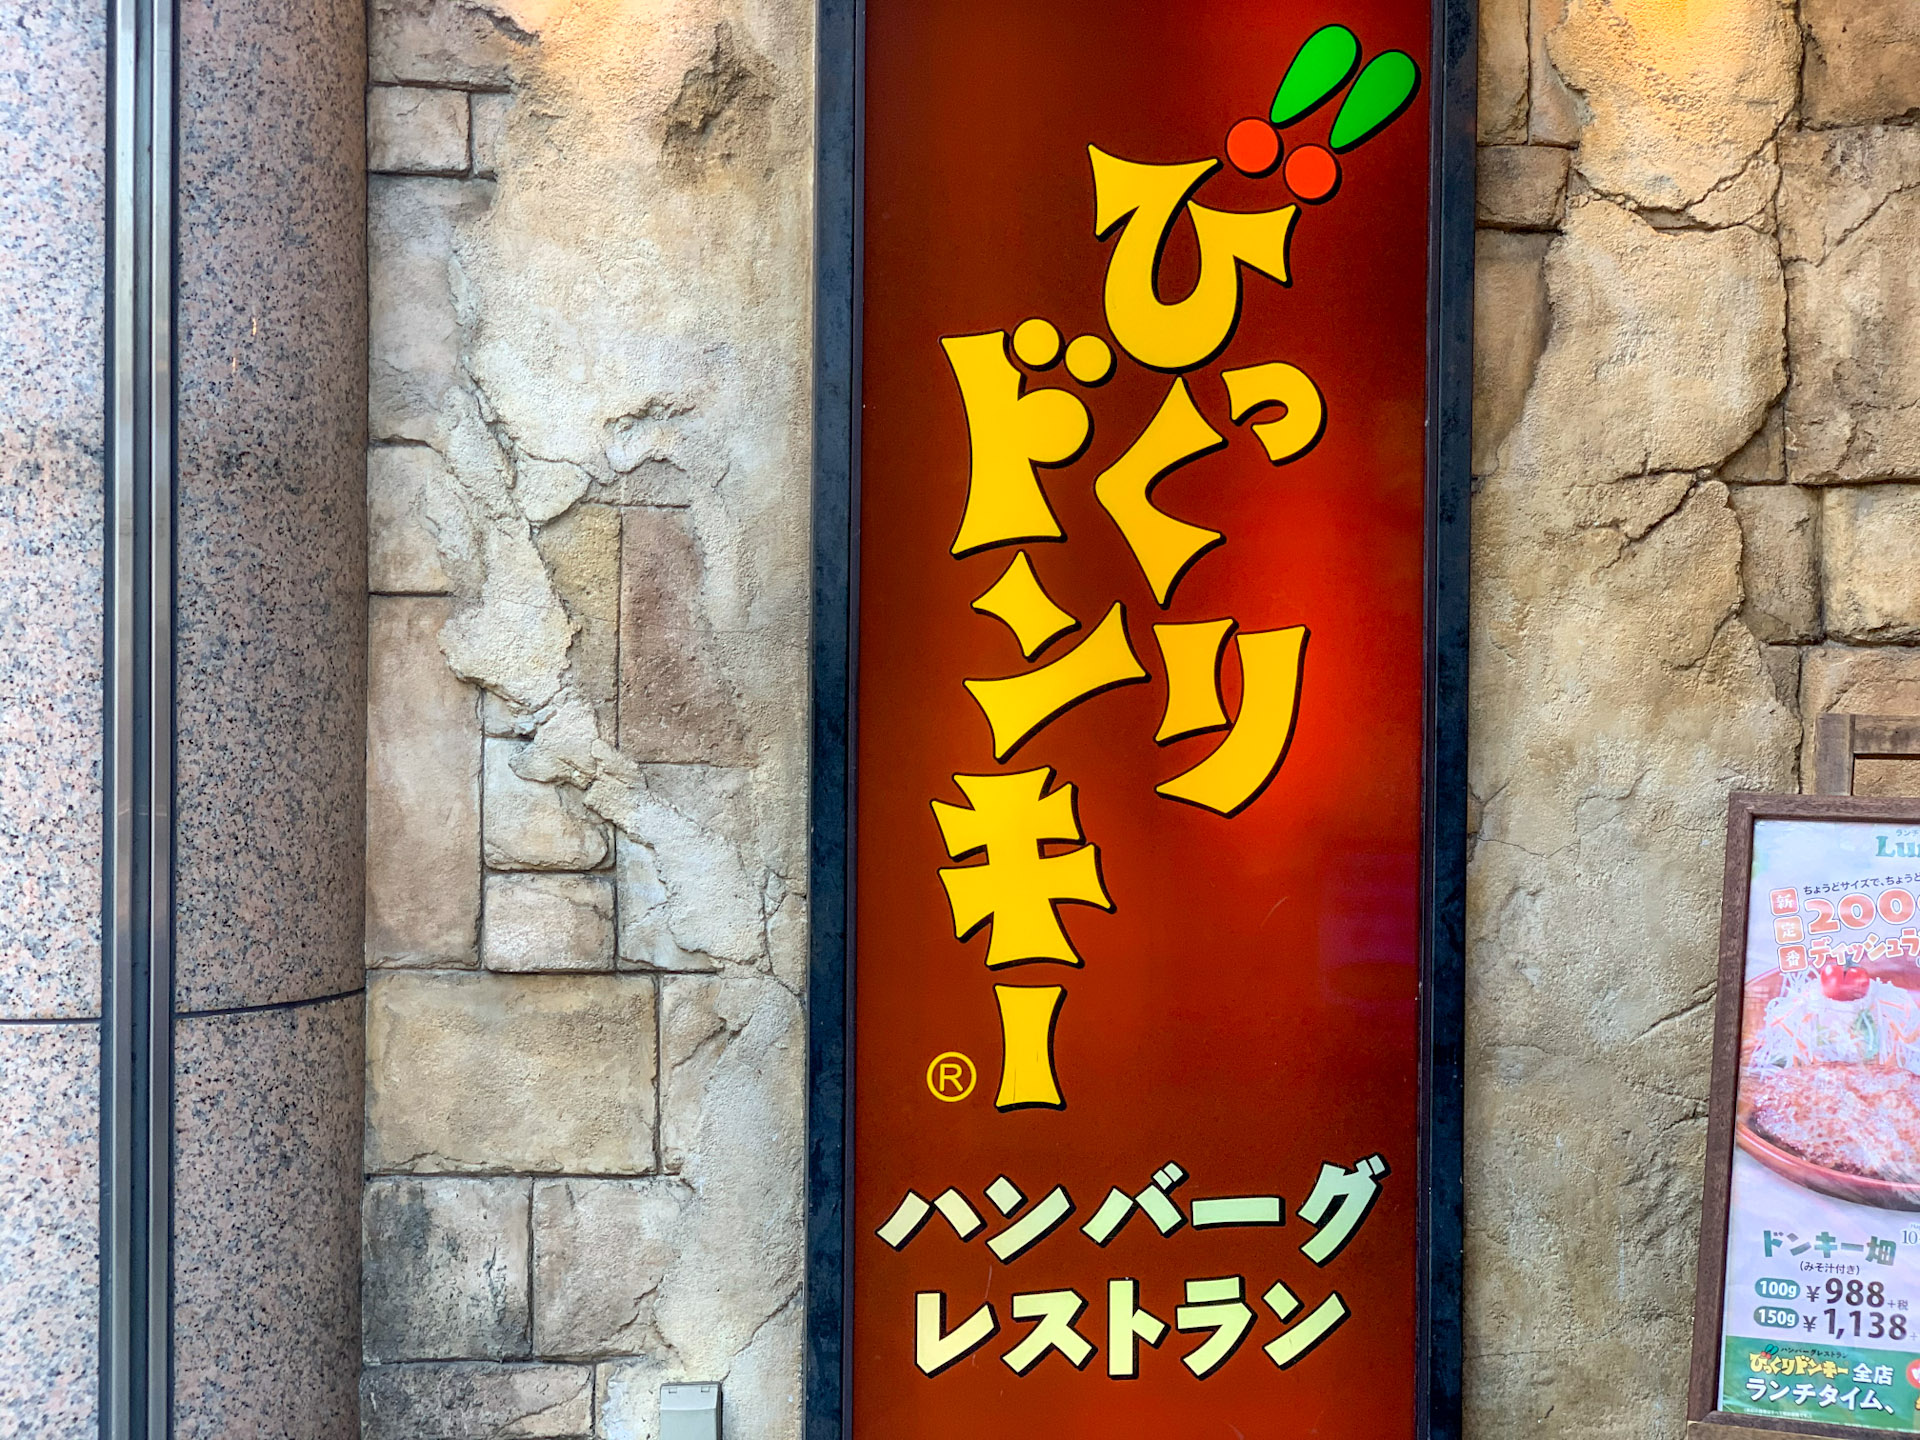 ハンバーグレストラン・びっくりドンキーの魅力を総まとめ!お得な情報も満載